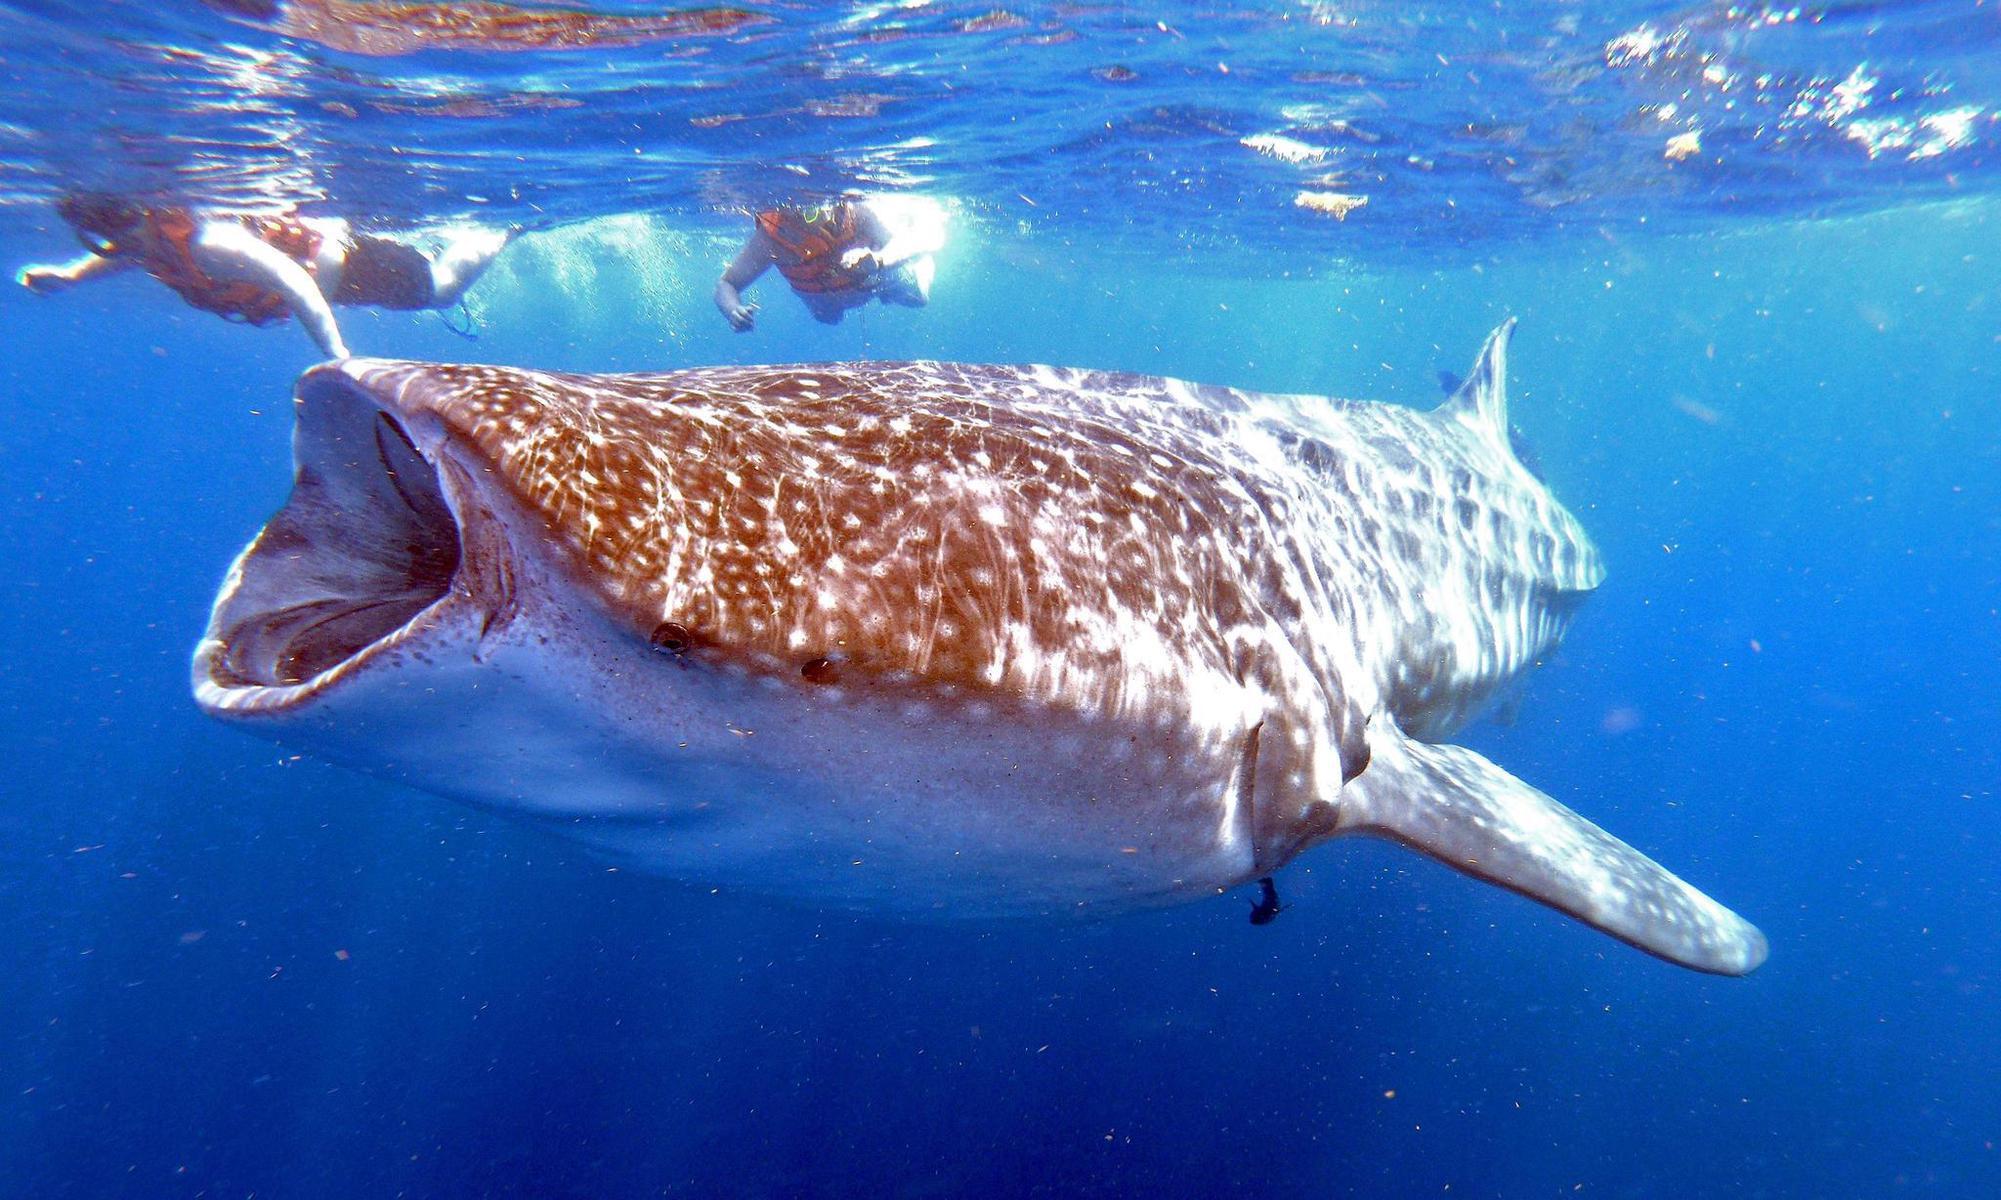 Über die Hälfte der Tierwarten wie hier der Walhai könnten von der Bildfläche verschwinden. AFP